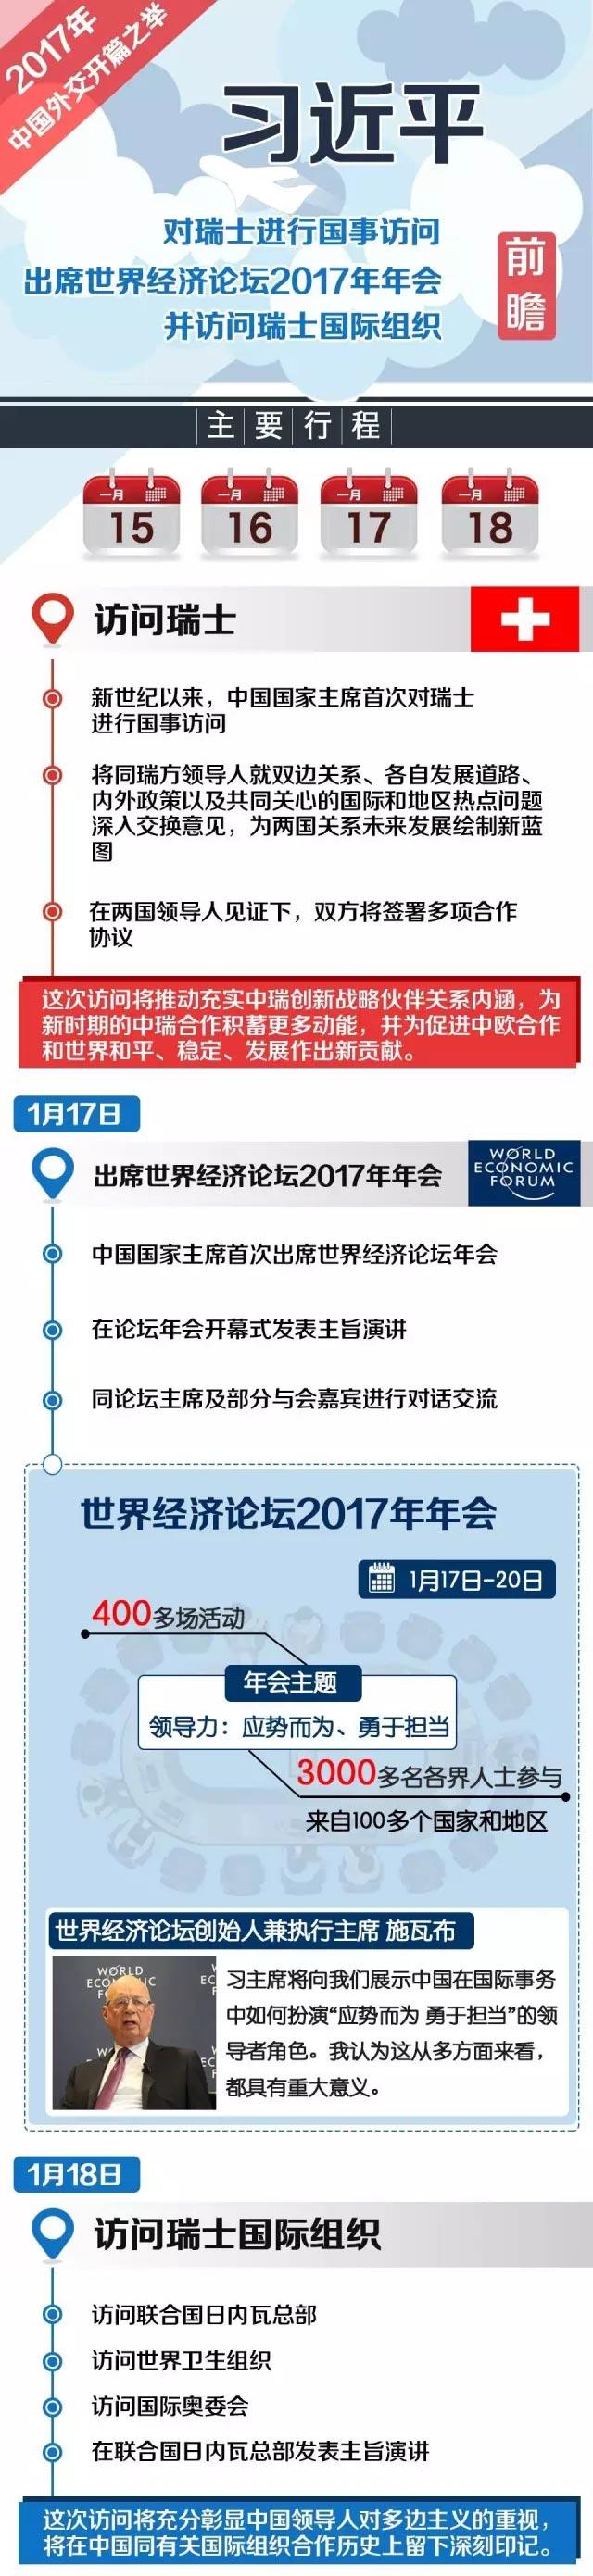 此次出访瑞士,是习近平主席2017年的首访。瑞士是中国在欧洲重要的经贸合作伙伴,也是首批与中国签署自贸协定、加入亚投行的欧洲国家。此次访问,势必将进一步促进中瑞合作。